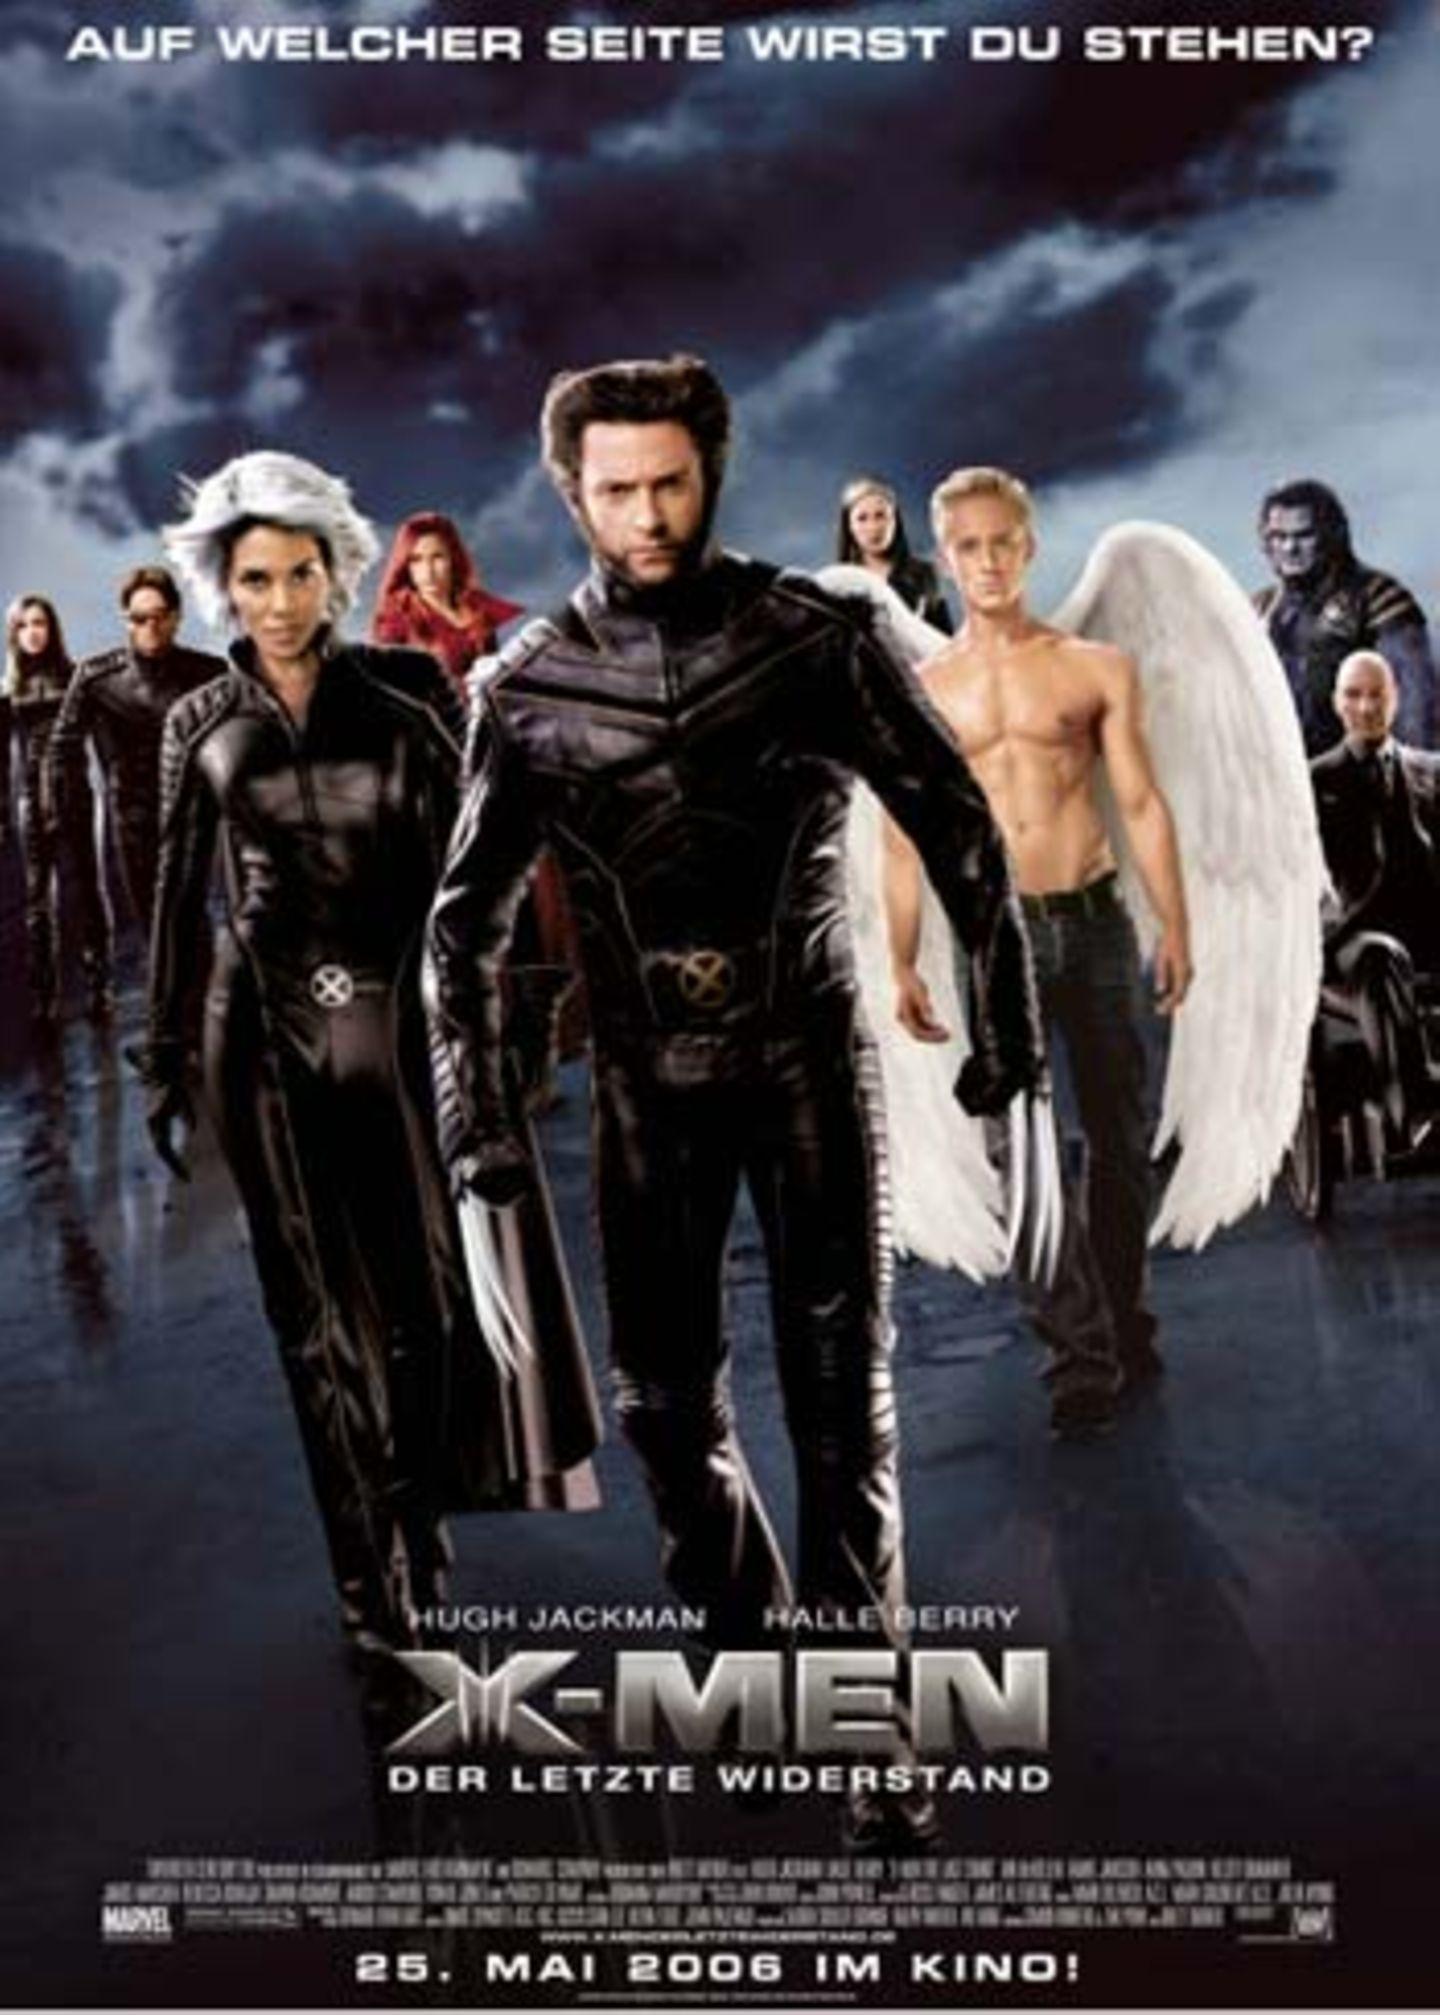 Dem Film geht's ähnlich wie dem offiziellen Filmplakat: Kaum genug Platz für all die Figuren